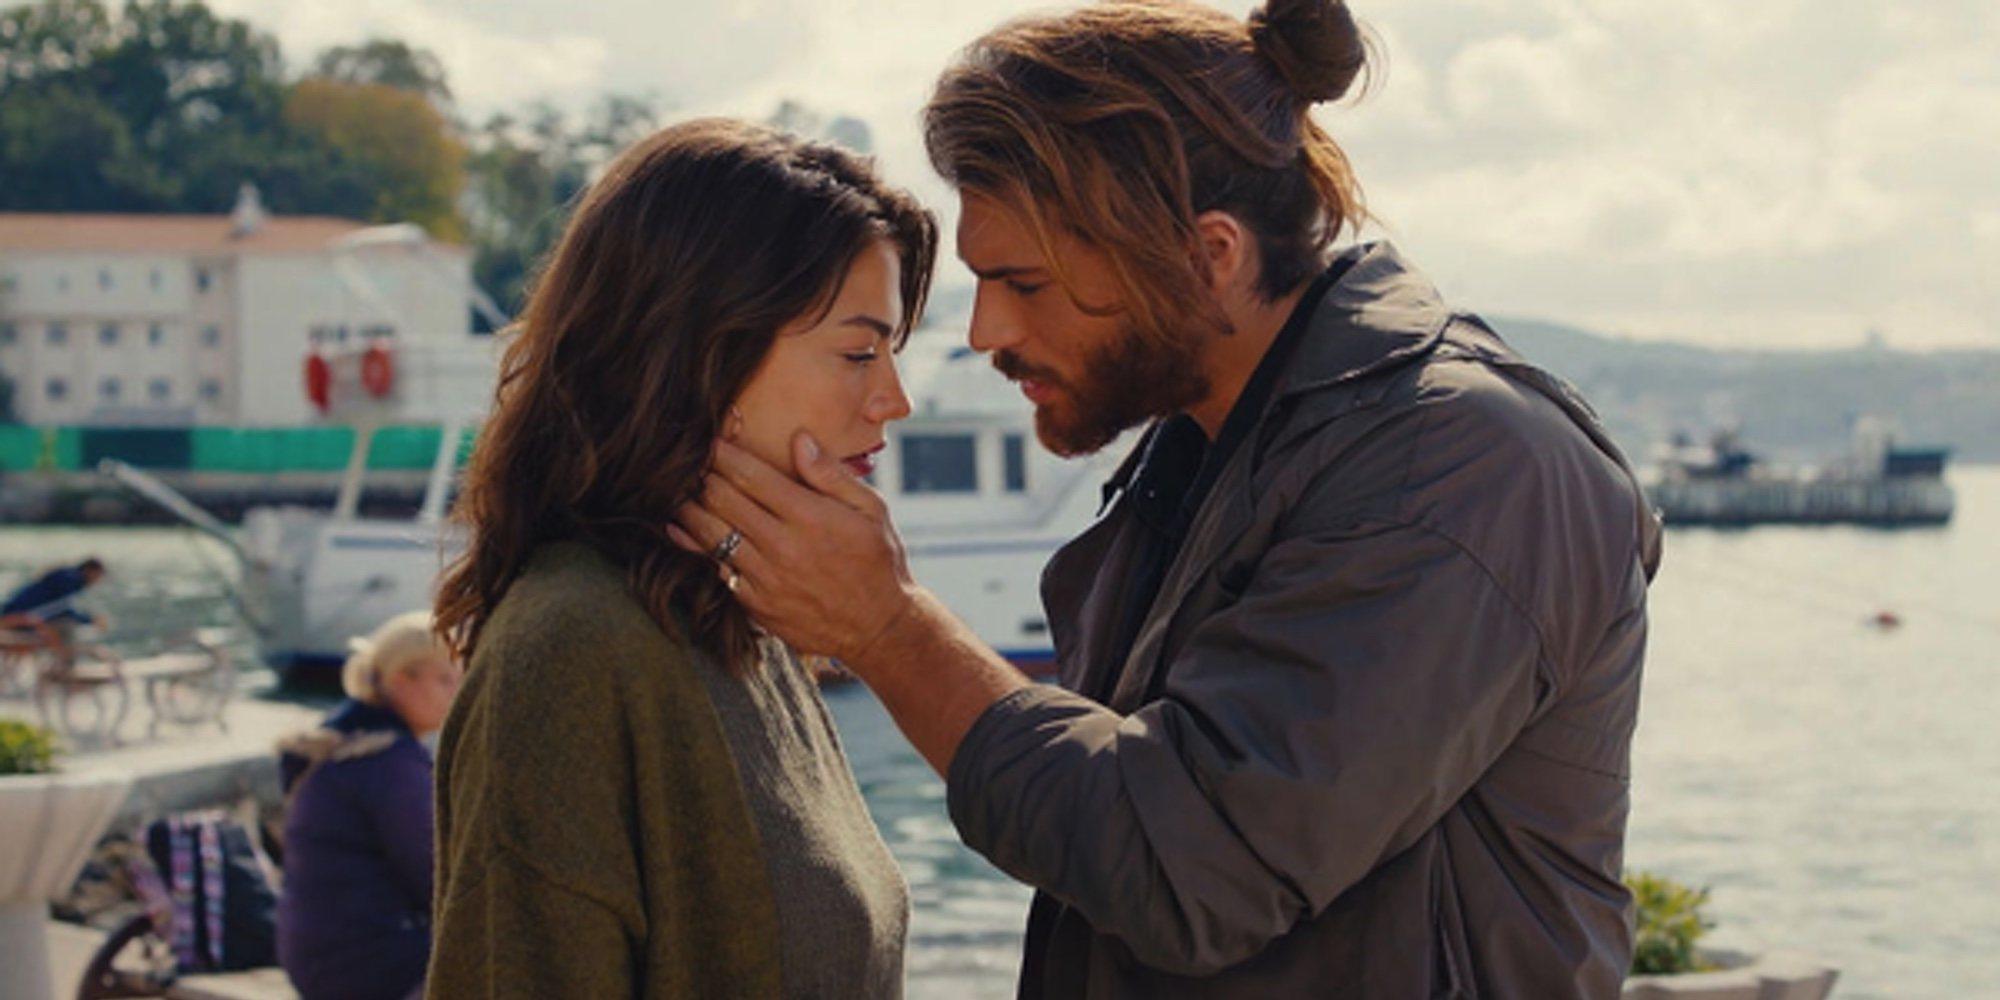 'Sühan: venganza y amor', 'Erkenci Kus' y otras telenovelas turcas que han conquistado a la audiencia